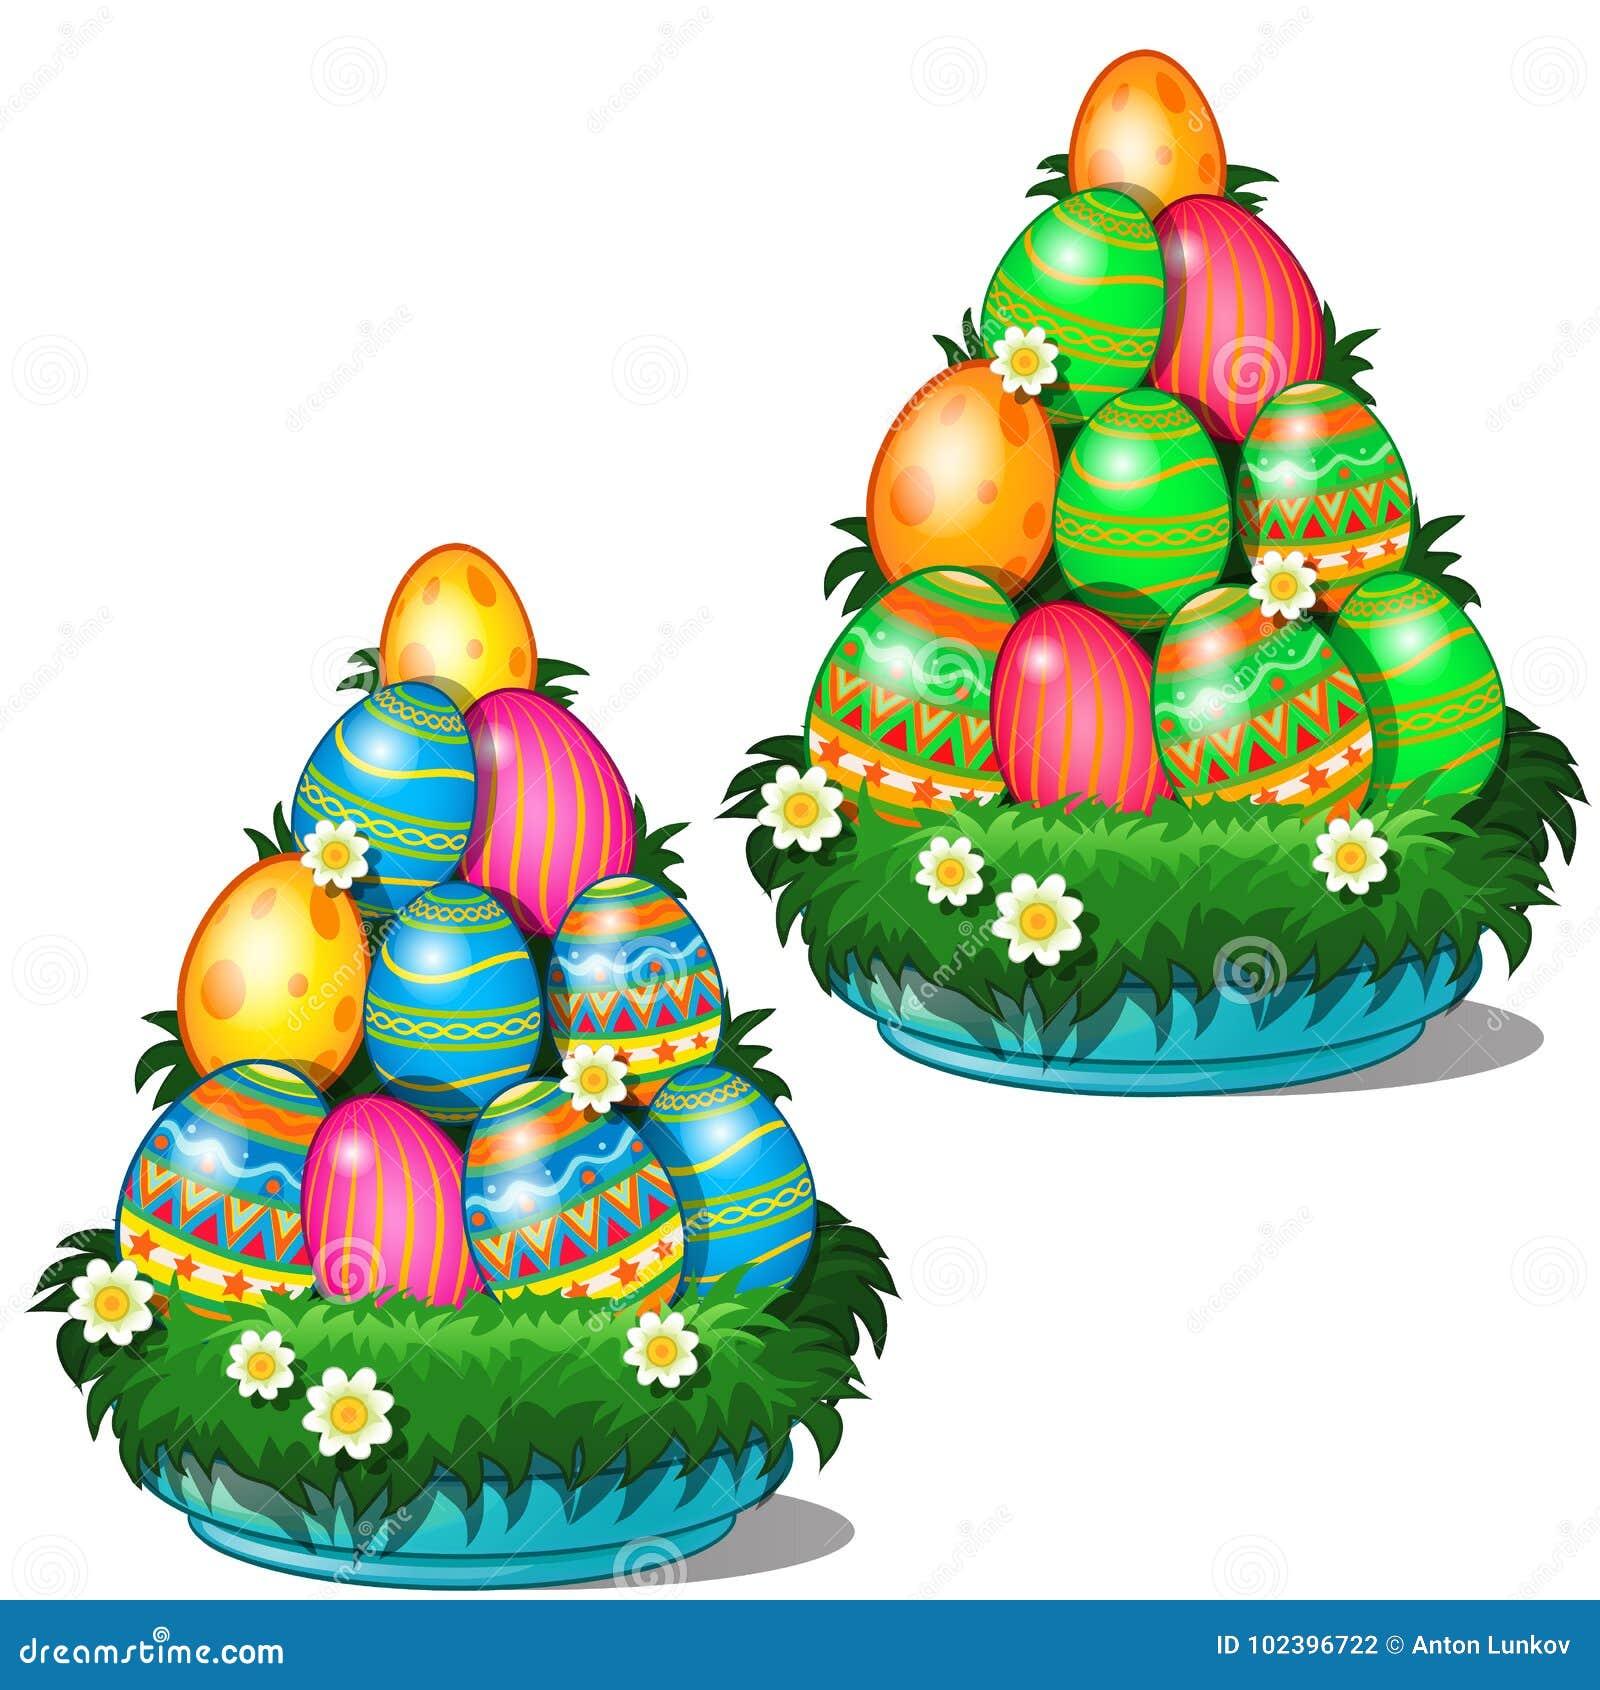 Kleurrijke paaseieren met verschillende patronen die in kegel op plaat met gras en bloemen worden gestapeld Symbool voor vakantie